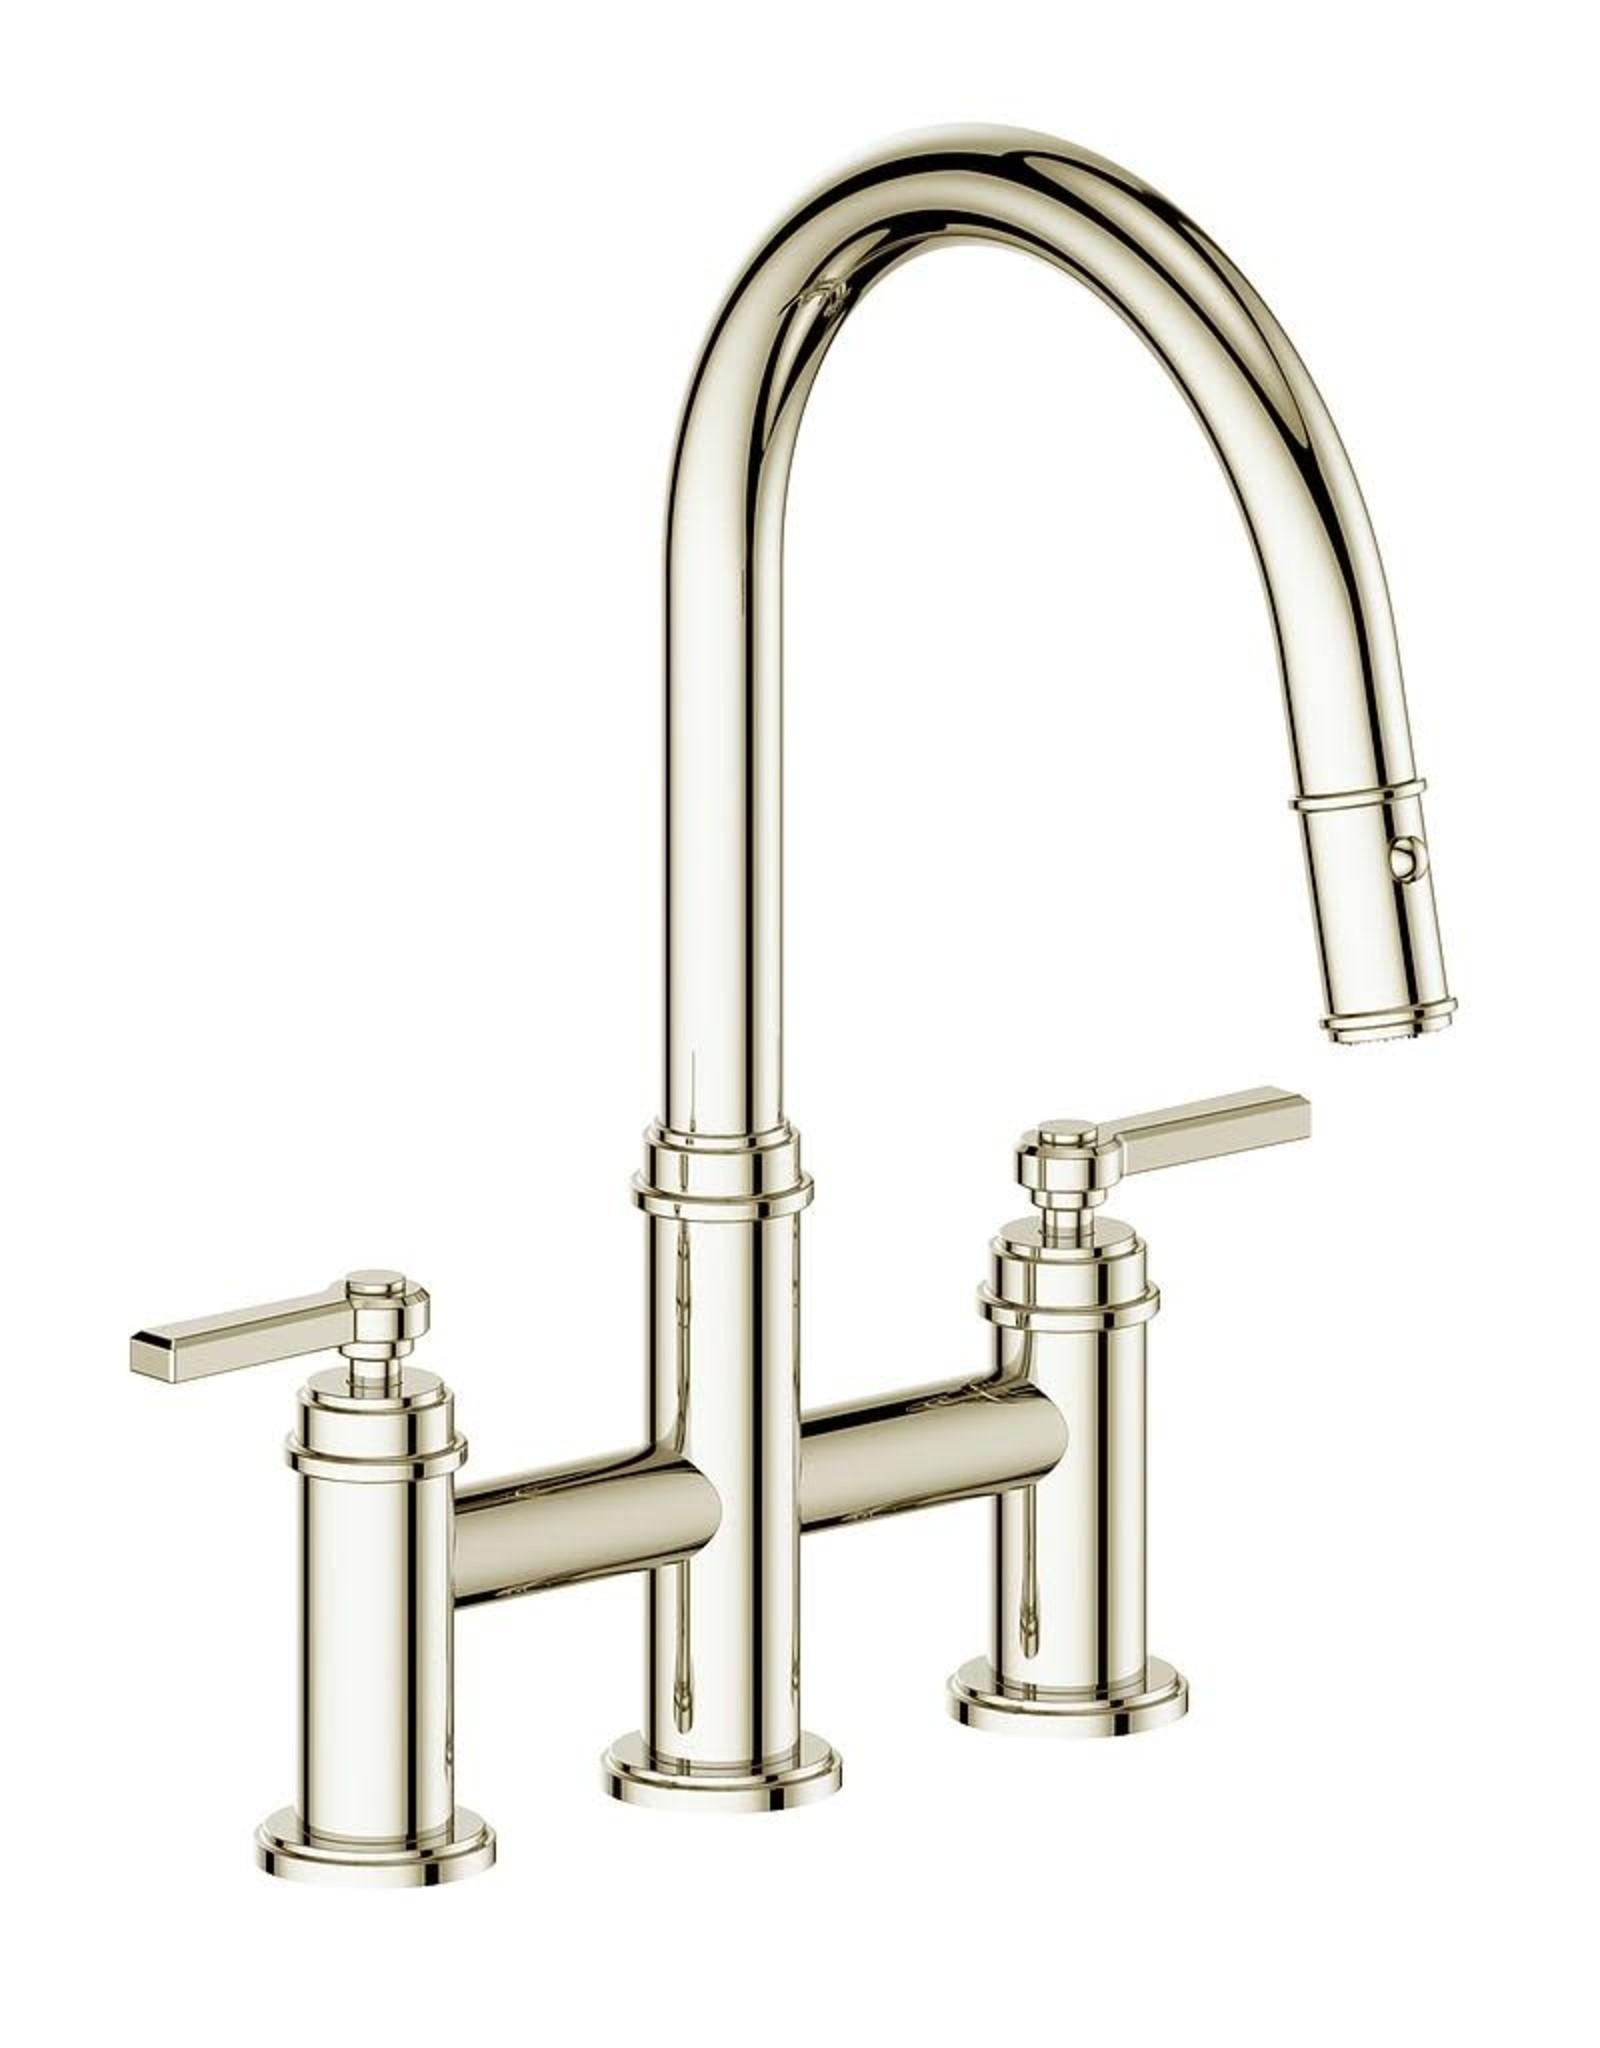 Vogt Zehn Bridge Kitchen Faucet- 1 Spoke Handle- Polished Nickel